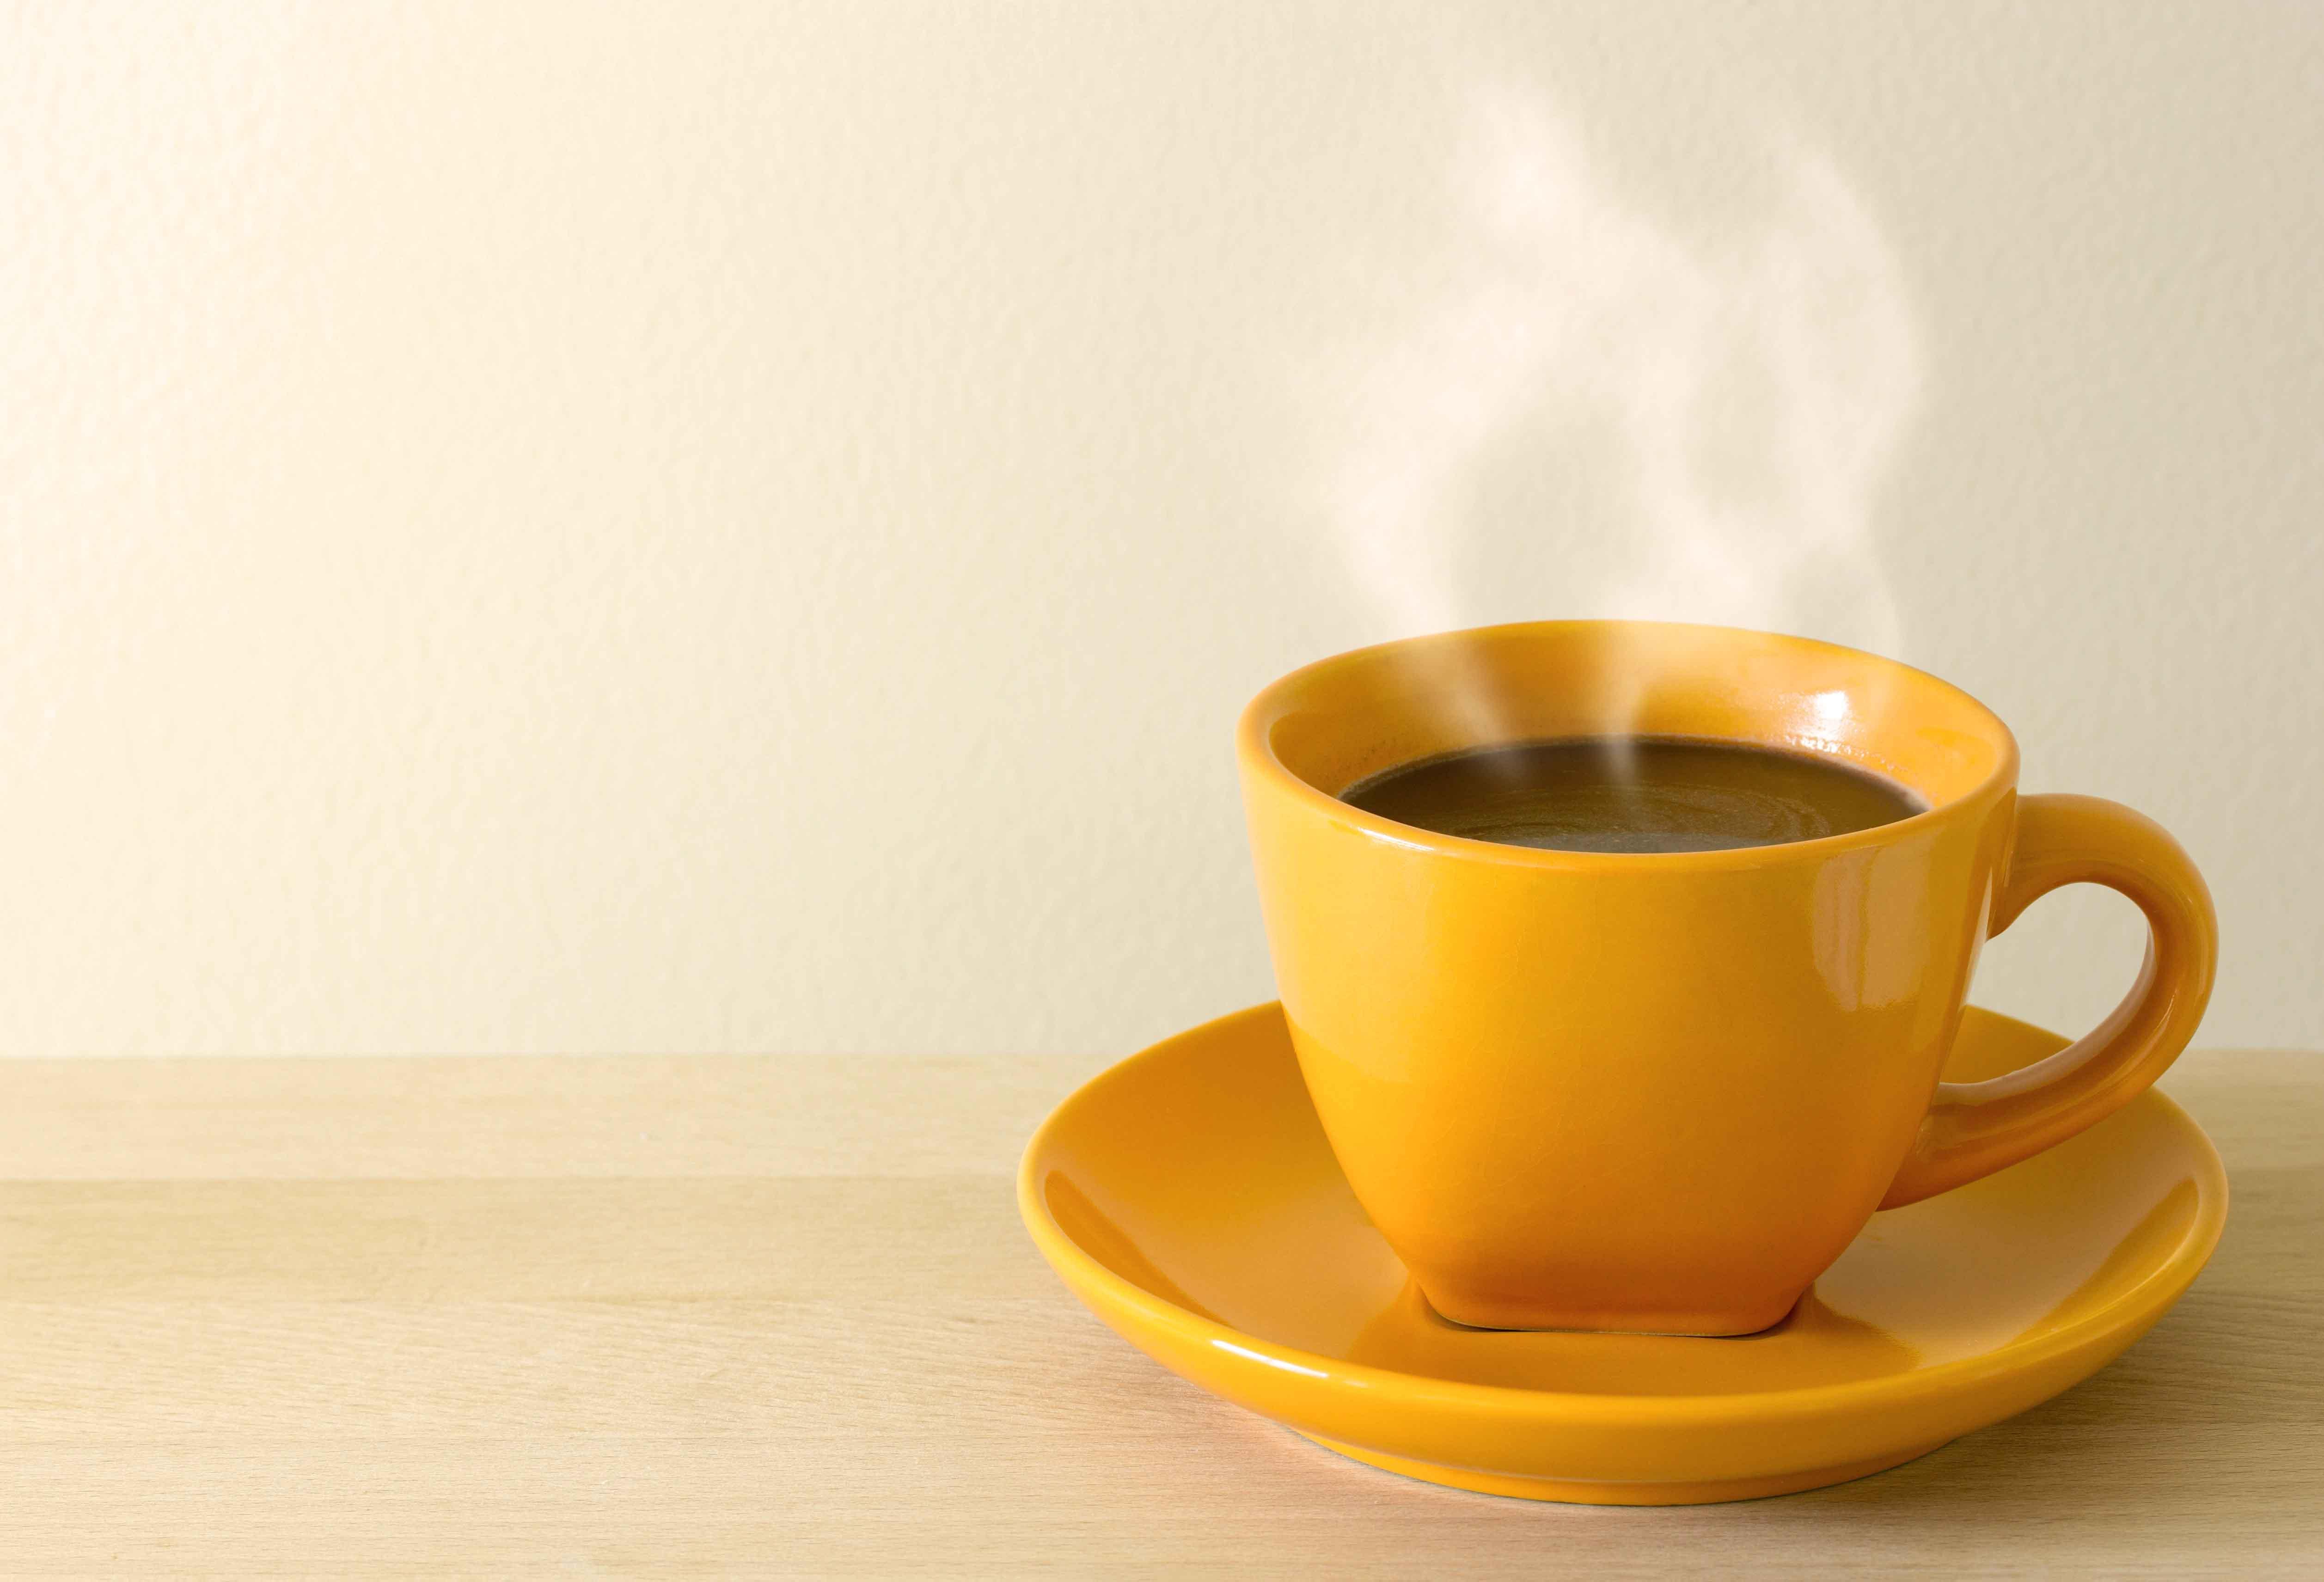 ¿Qué tanto ayuda la cafeína para hacer ejercicio?